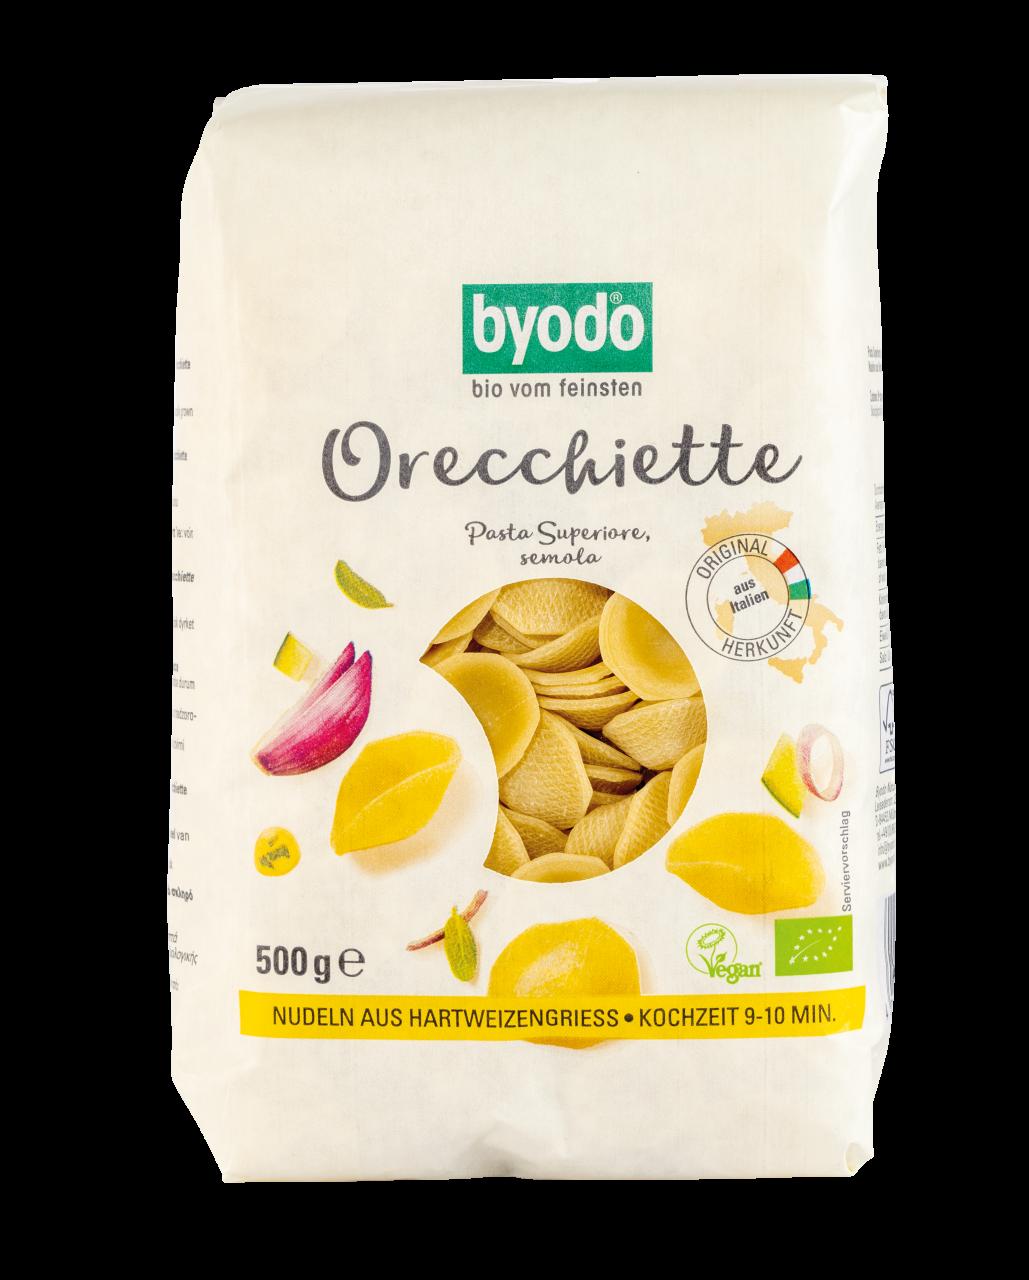 Helle Orecchiette, 500g